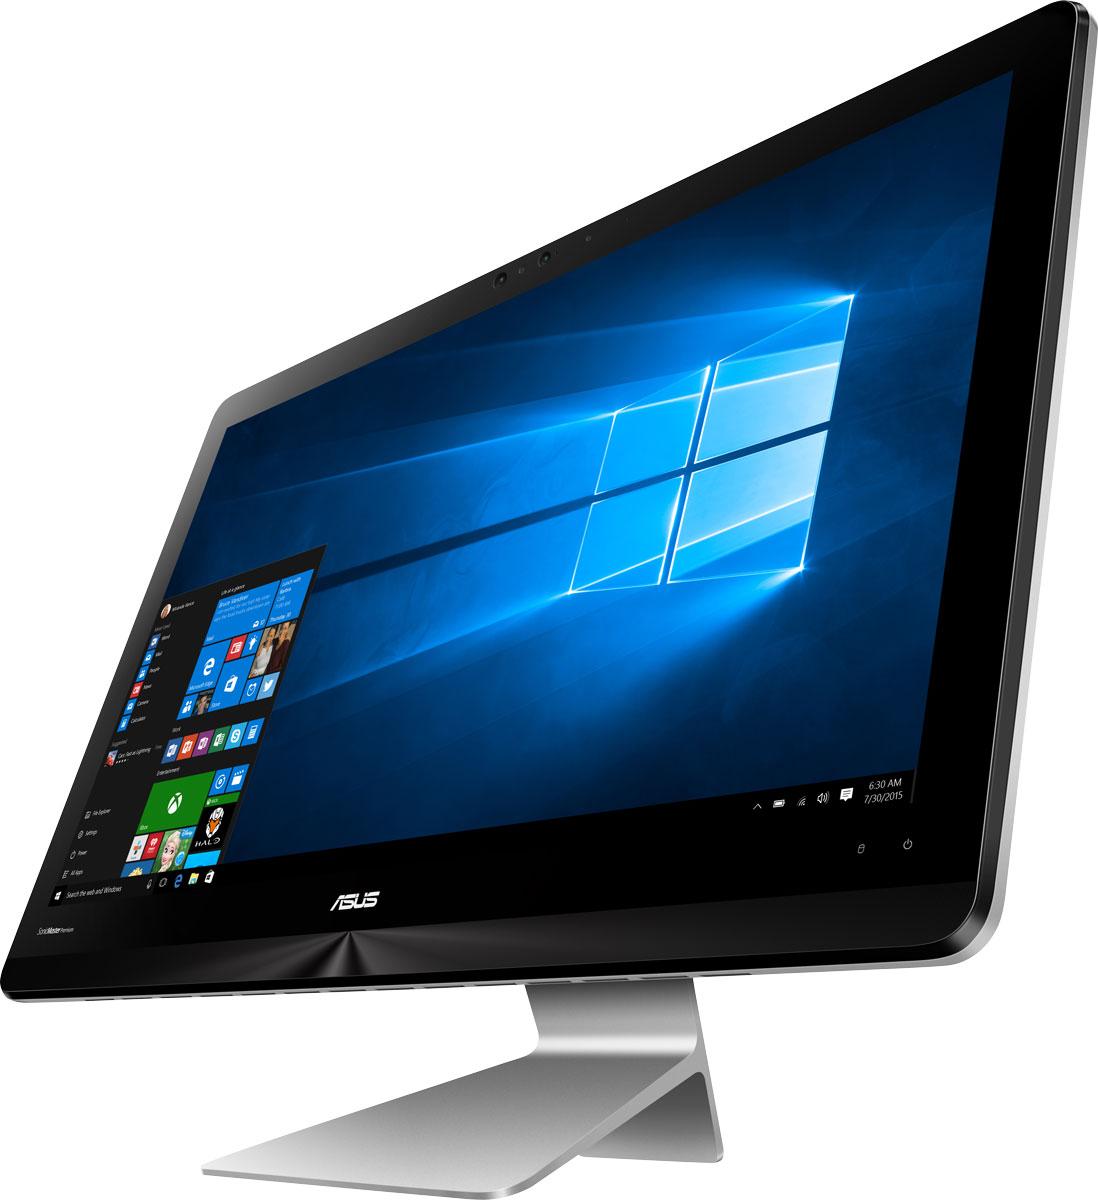 ASUS Zen AiO ZN241ICGK-RA004T, Grey моноблокZN241ICGK-RA004TМоноблочный компьютер ASUS Zen AiO ZN241IC — еще одно доказательство того, что современные технологии могут быть красивыми. Его монолитный корпус в кварцевом сером цвете с оригинальной текстурой поверхности идеально впишется в любой домашний интерьер.ASUS Zen AiO ZN241IC обладает ультратонким экраном со светодиодной подсветкой, обеспечивающим высокую яркость и контрастность изображения. Благодаря широким углам обзора IPS-матрицы картинка на экране моноблока не претерпевает каких-либо искажений цветопередачи при изменении угла, под которым пользователь смотрит на экран. Разрешение Full HD (1920x1080) позволяет наслаждаться играми и фильмами с безупречной четкостью.ASUS Zen AiO ZN241IC может похвастать не только внешним видом, но и великолепной производительностью. Процессор Intel Core i5 последнего поколения, скоростная память DDR4, высокопроизводительная видеокарта NVIDIA GeForce GTX 940MX и самые современные интерфейсы подключения гарантируют комфортную работу в любых программах.Аудиосистема Zen AiO ZN241IC с технологией ASUS SonicMaster Premium включает стереодинамики с общей выходной мощностью 6 Вт, которые обеспечивают богатое и чистое звучание в широком диапазоне частот. Zen AiO создает полноценную звуковую картину, будь то просмотр блокбастера, игра или отдых под музыку.Порт USB 3.0 Type-A, которым оборудован данный компьютер, обладает пропускной способностью до 10 Гбит/с, то есть в два раза более высокой, чем USB 2.0. Для максимального удобства ASUS Zen AiO ZN241IC оснащен четырьмя портами USB 3.0, а также разъемом HDMI для подключения внешнего дисплея.Точные характеристики зависят от модели.Компьютер сертифицирован EAC и имеет русифицированную клавиатуру и Руководство пользователя.